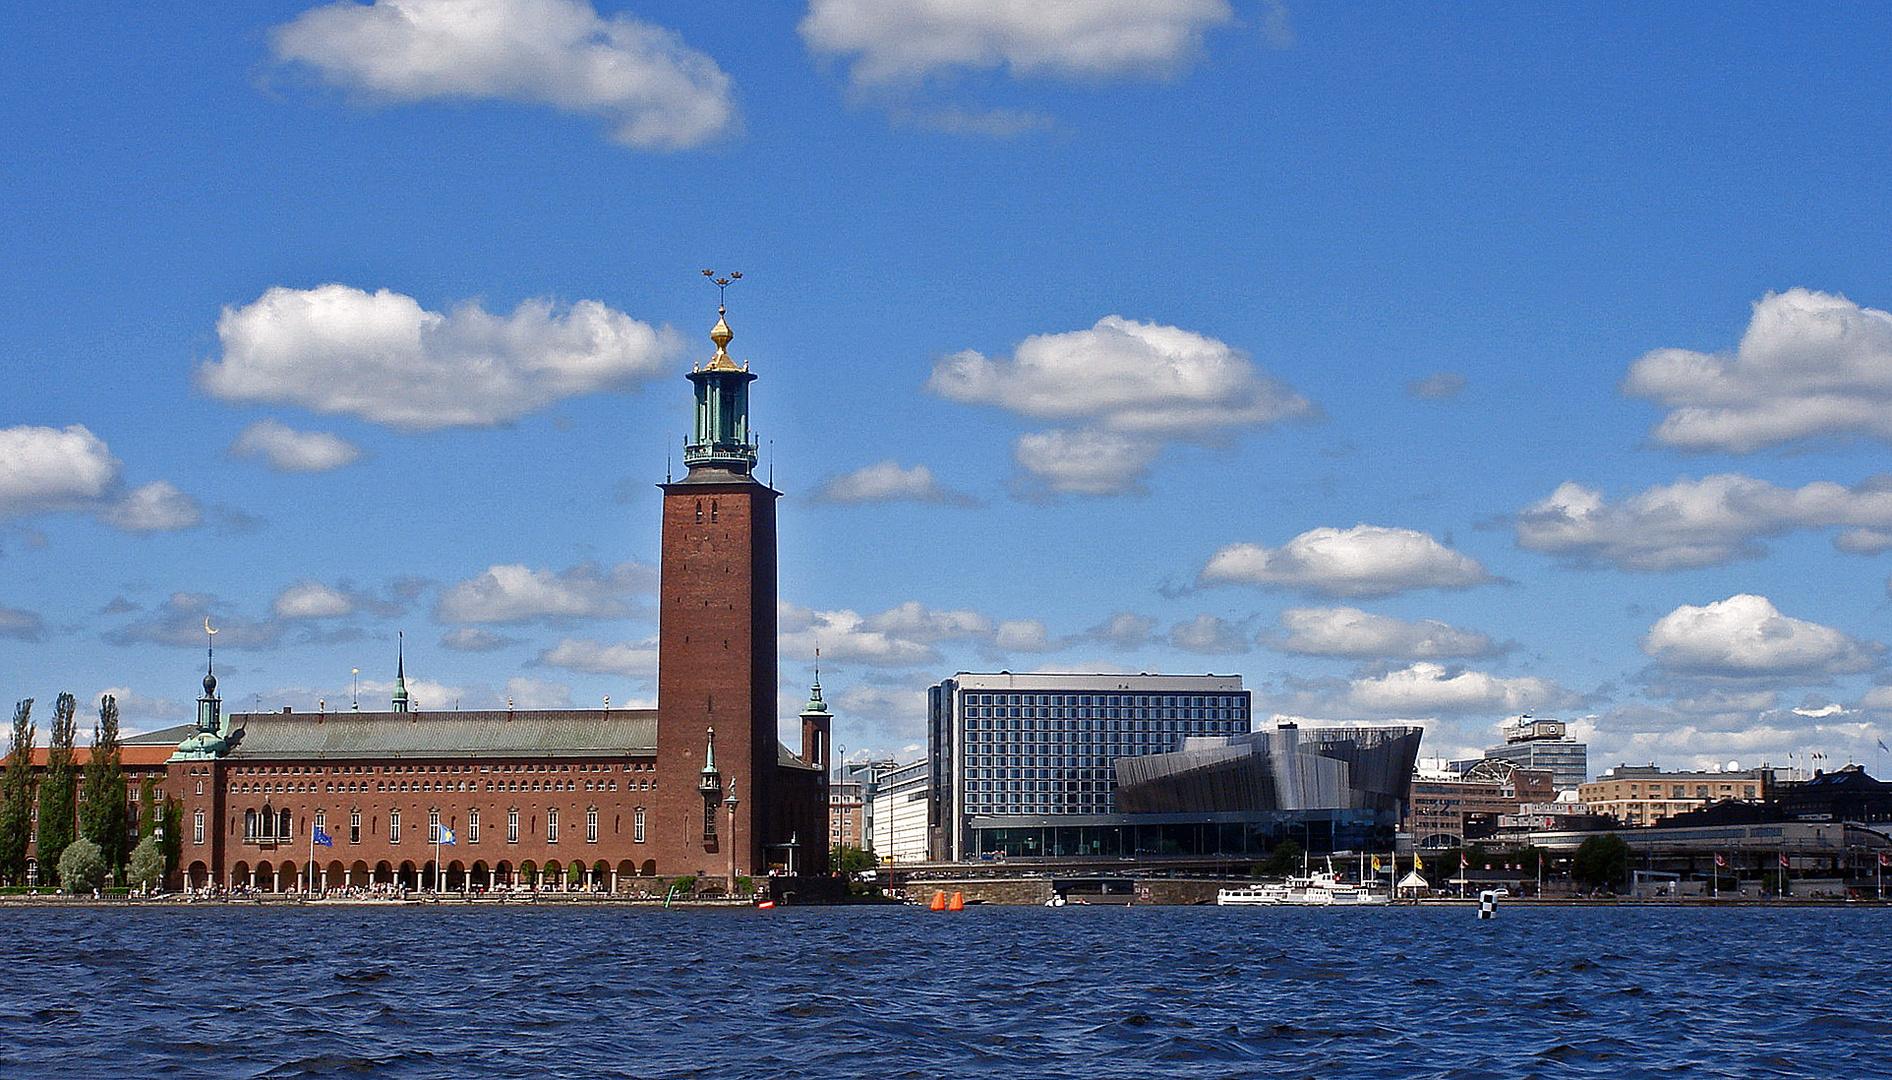 Das Rathaus von Stockholm mit den Tre Kronor auf seiner Turmspitze